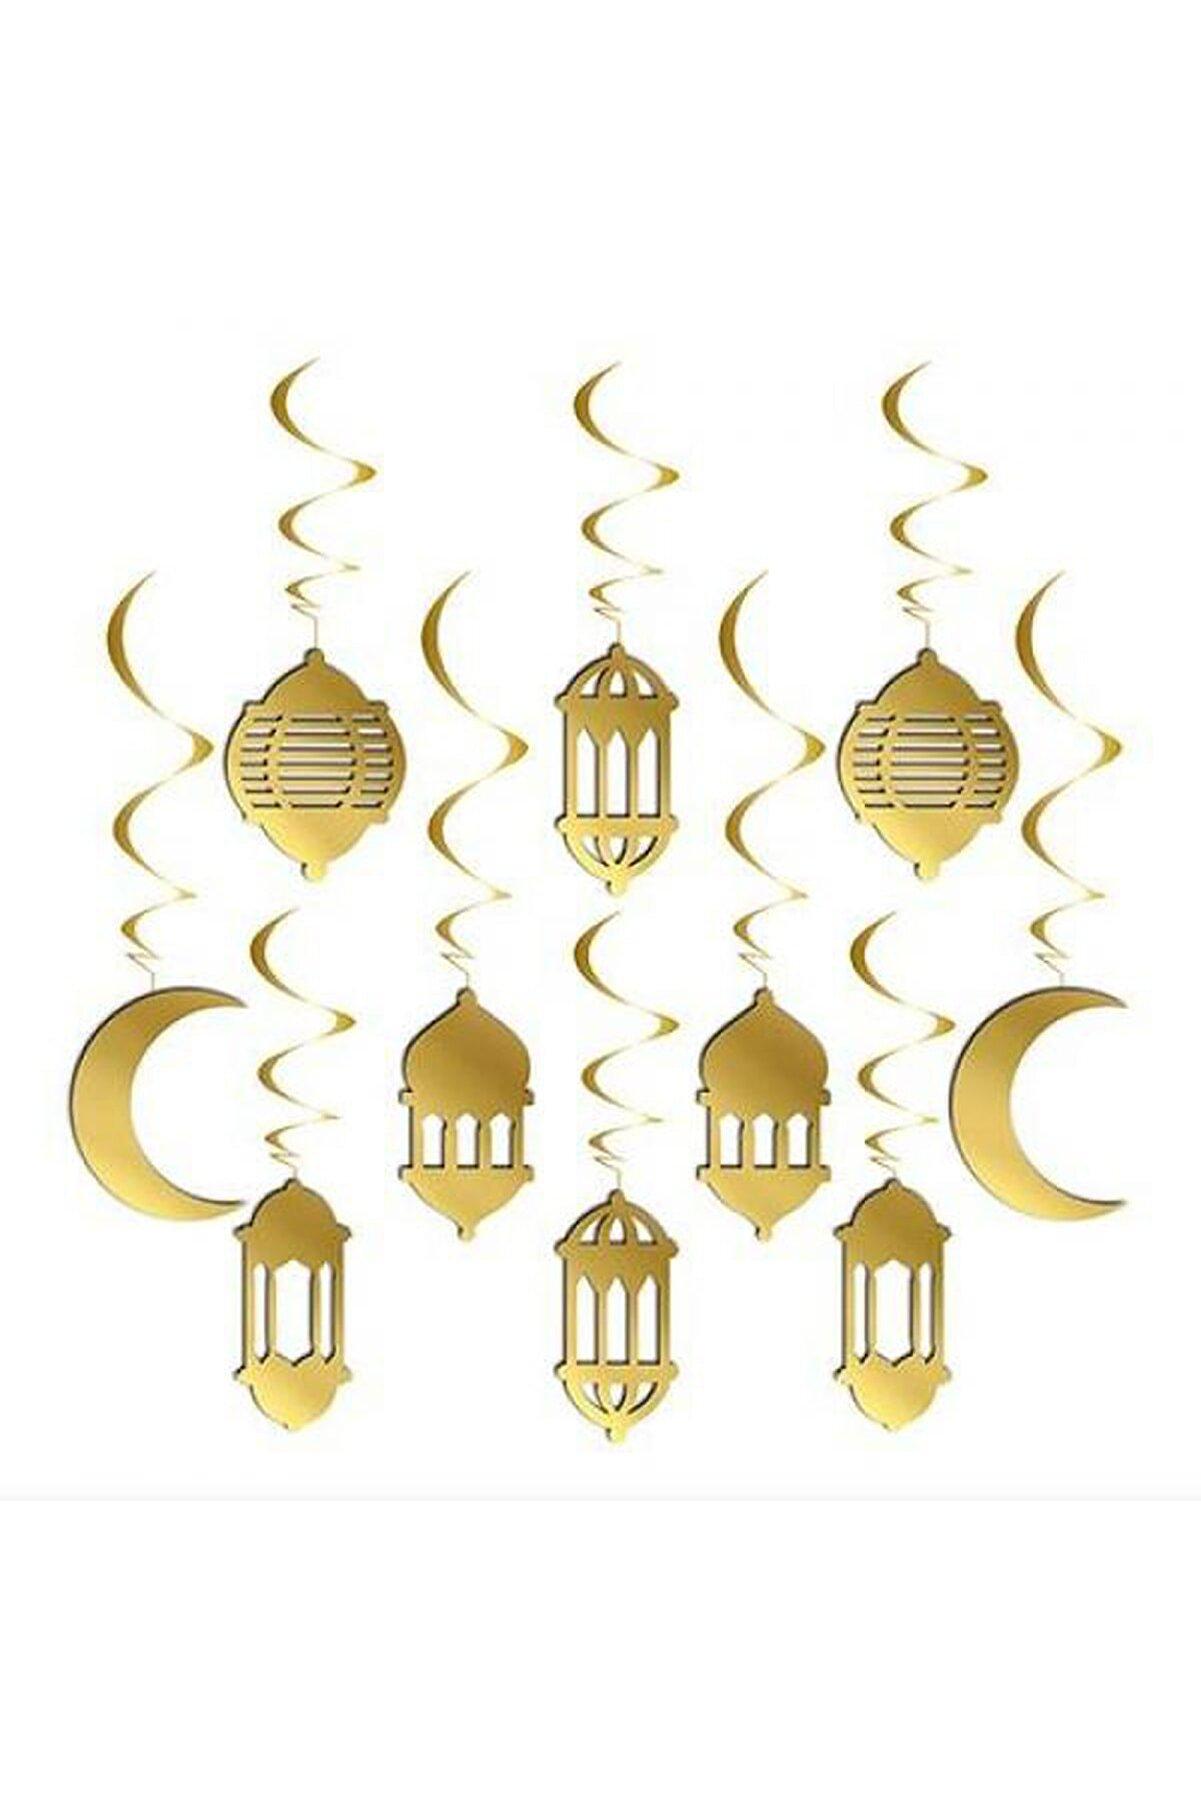 Huzur Party Store 10 lu Gold 3D Tavan Süs Hoşgeldin Kurban Bayramı 11 Ayın Sultanı Temalı Sarkıt Dini İslami Süsü